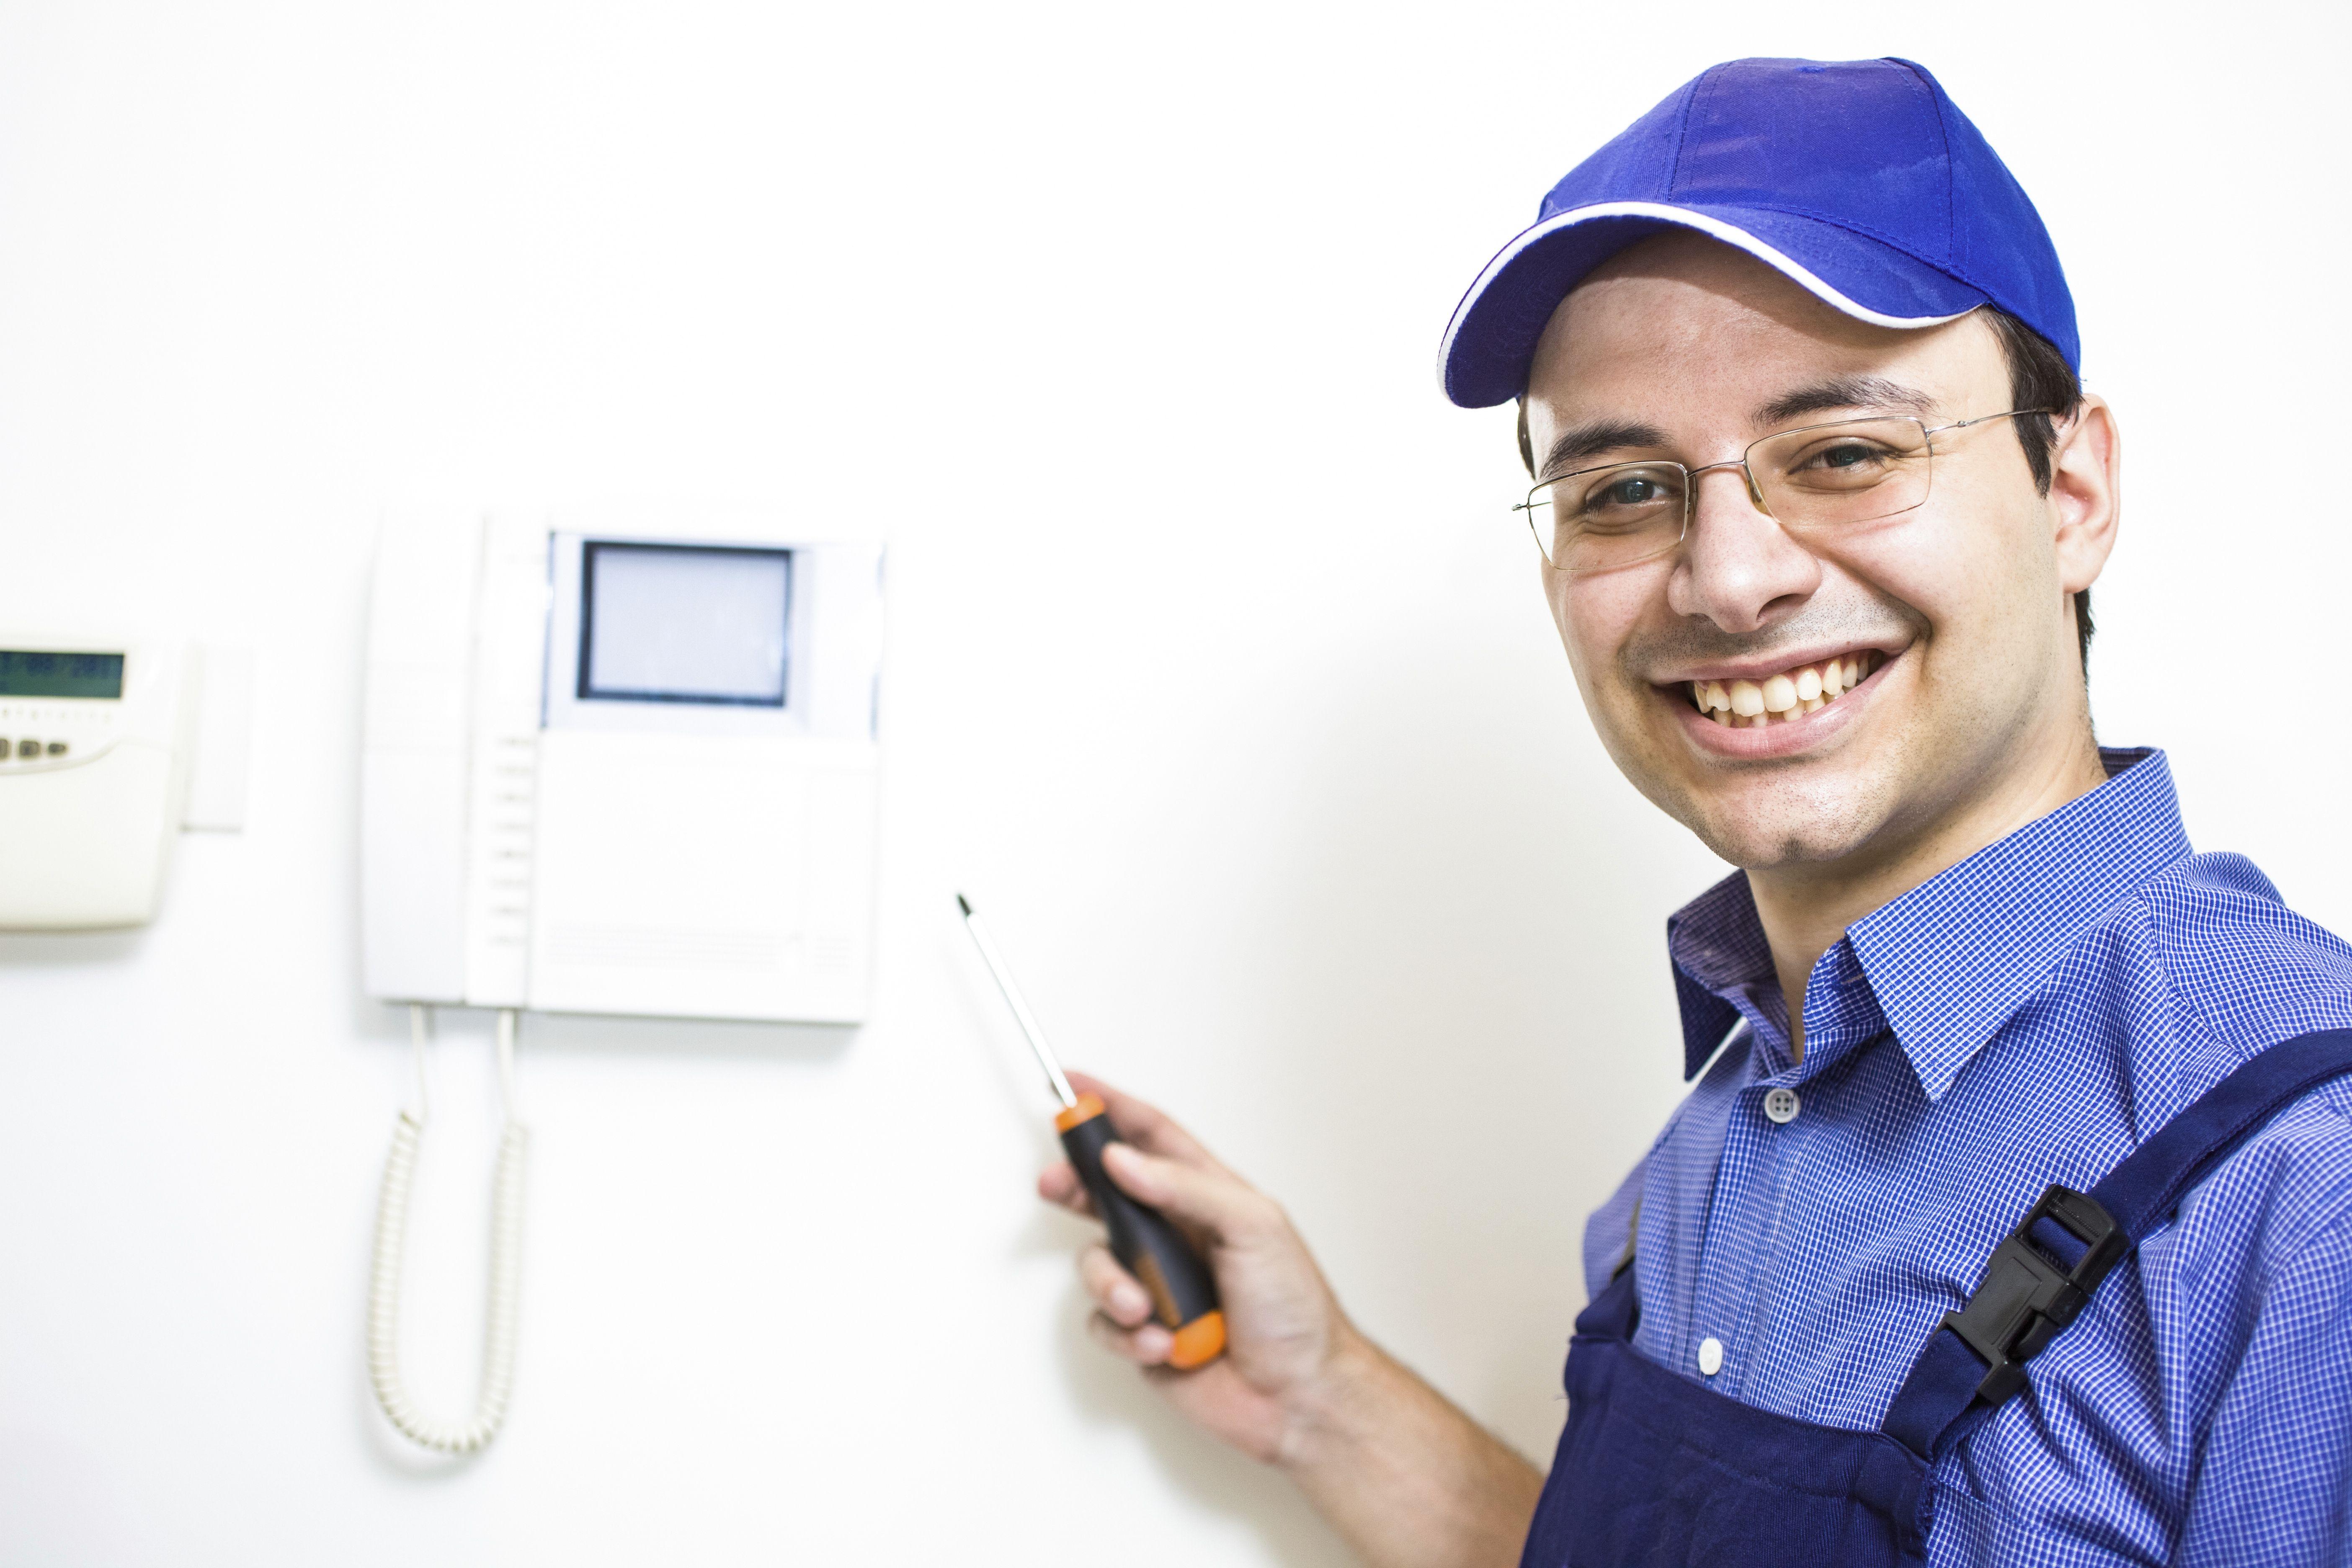 Mantenimiento y reparación: Servicios de Instalaciones eléctricas Vallejo